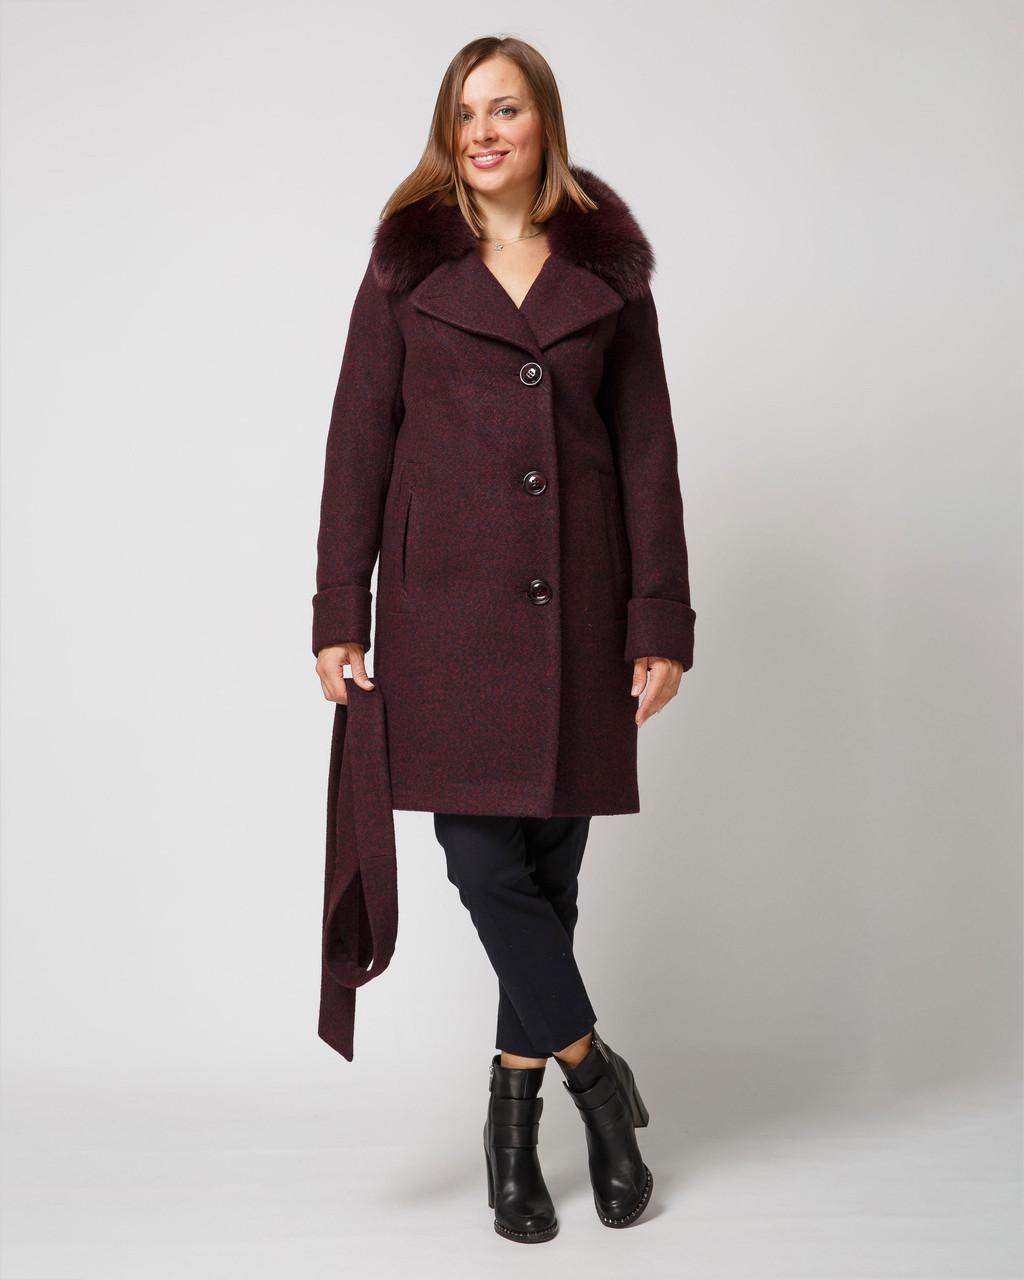 Зимнее пальто с мехом в тон изделия